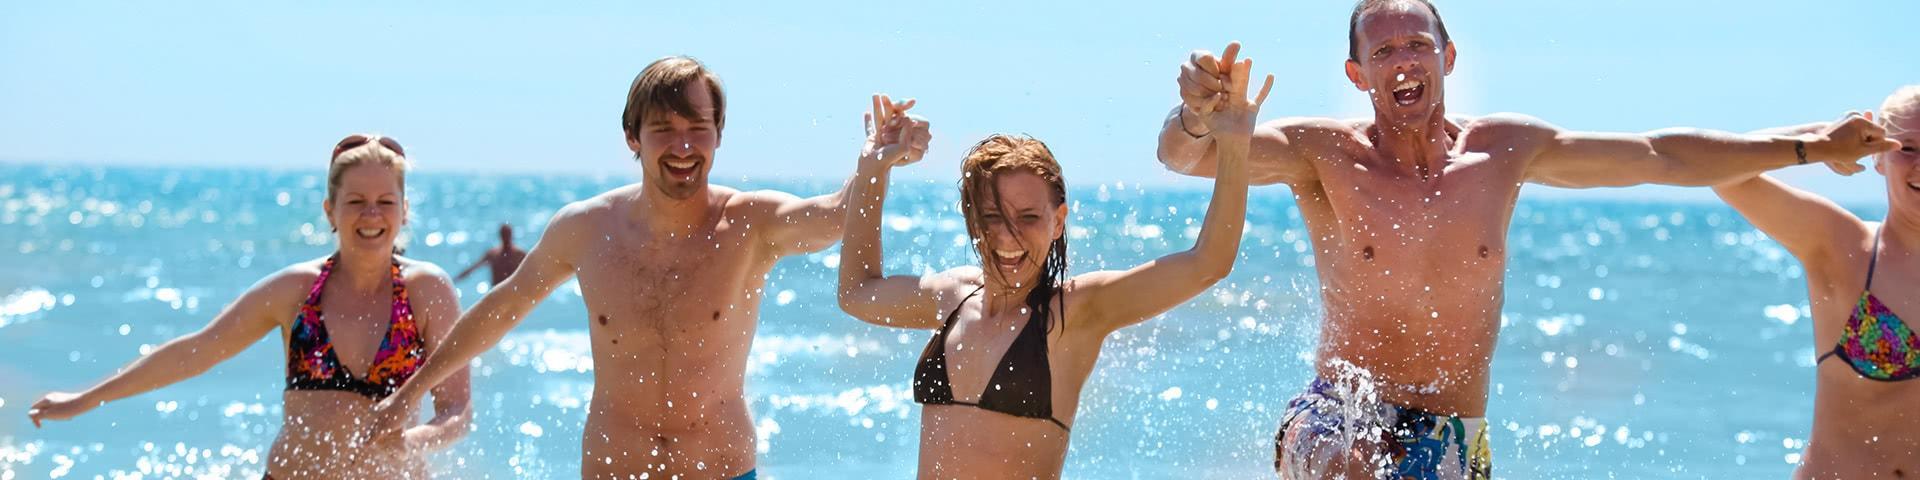 Gruppe hat gemeinsam Spaß im Meer auf Mallorca